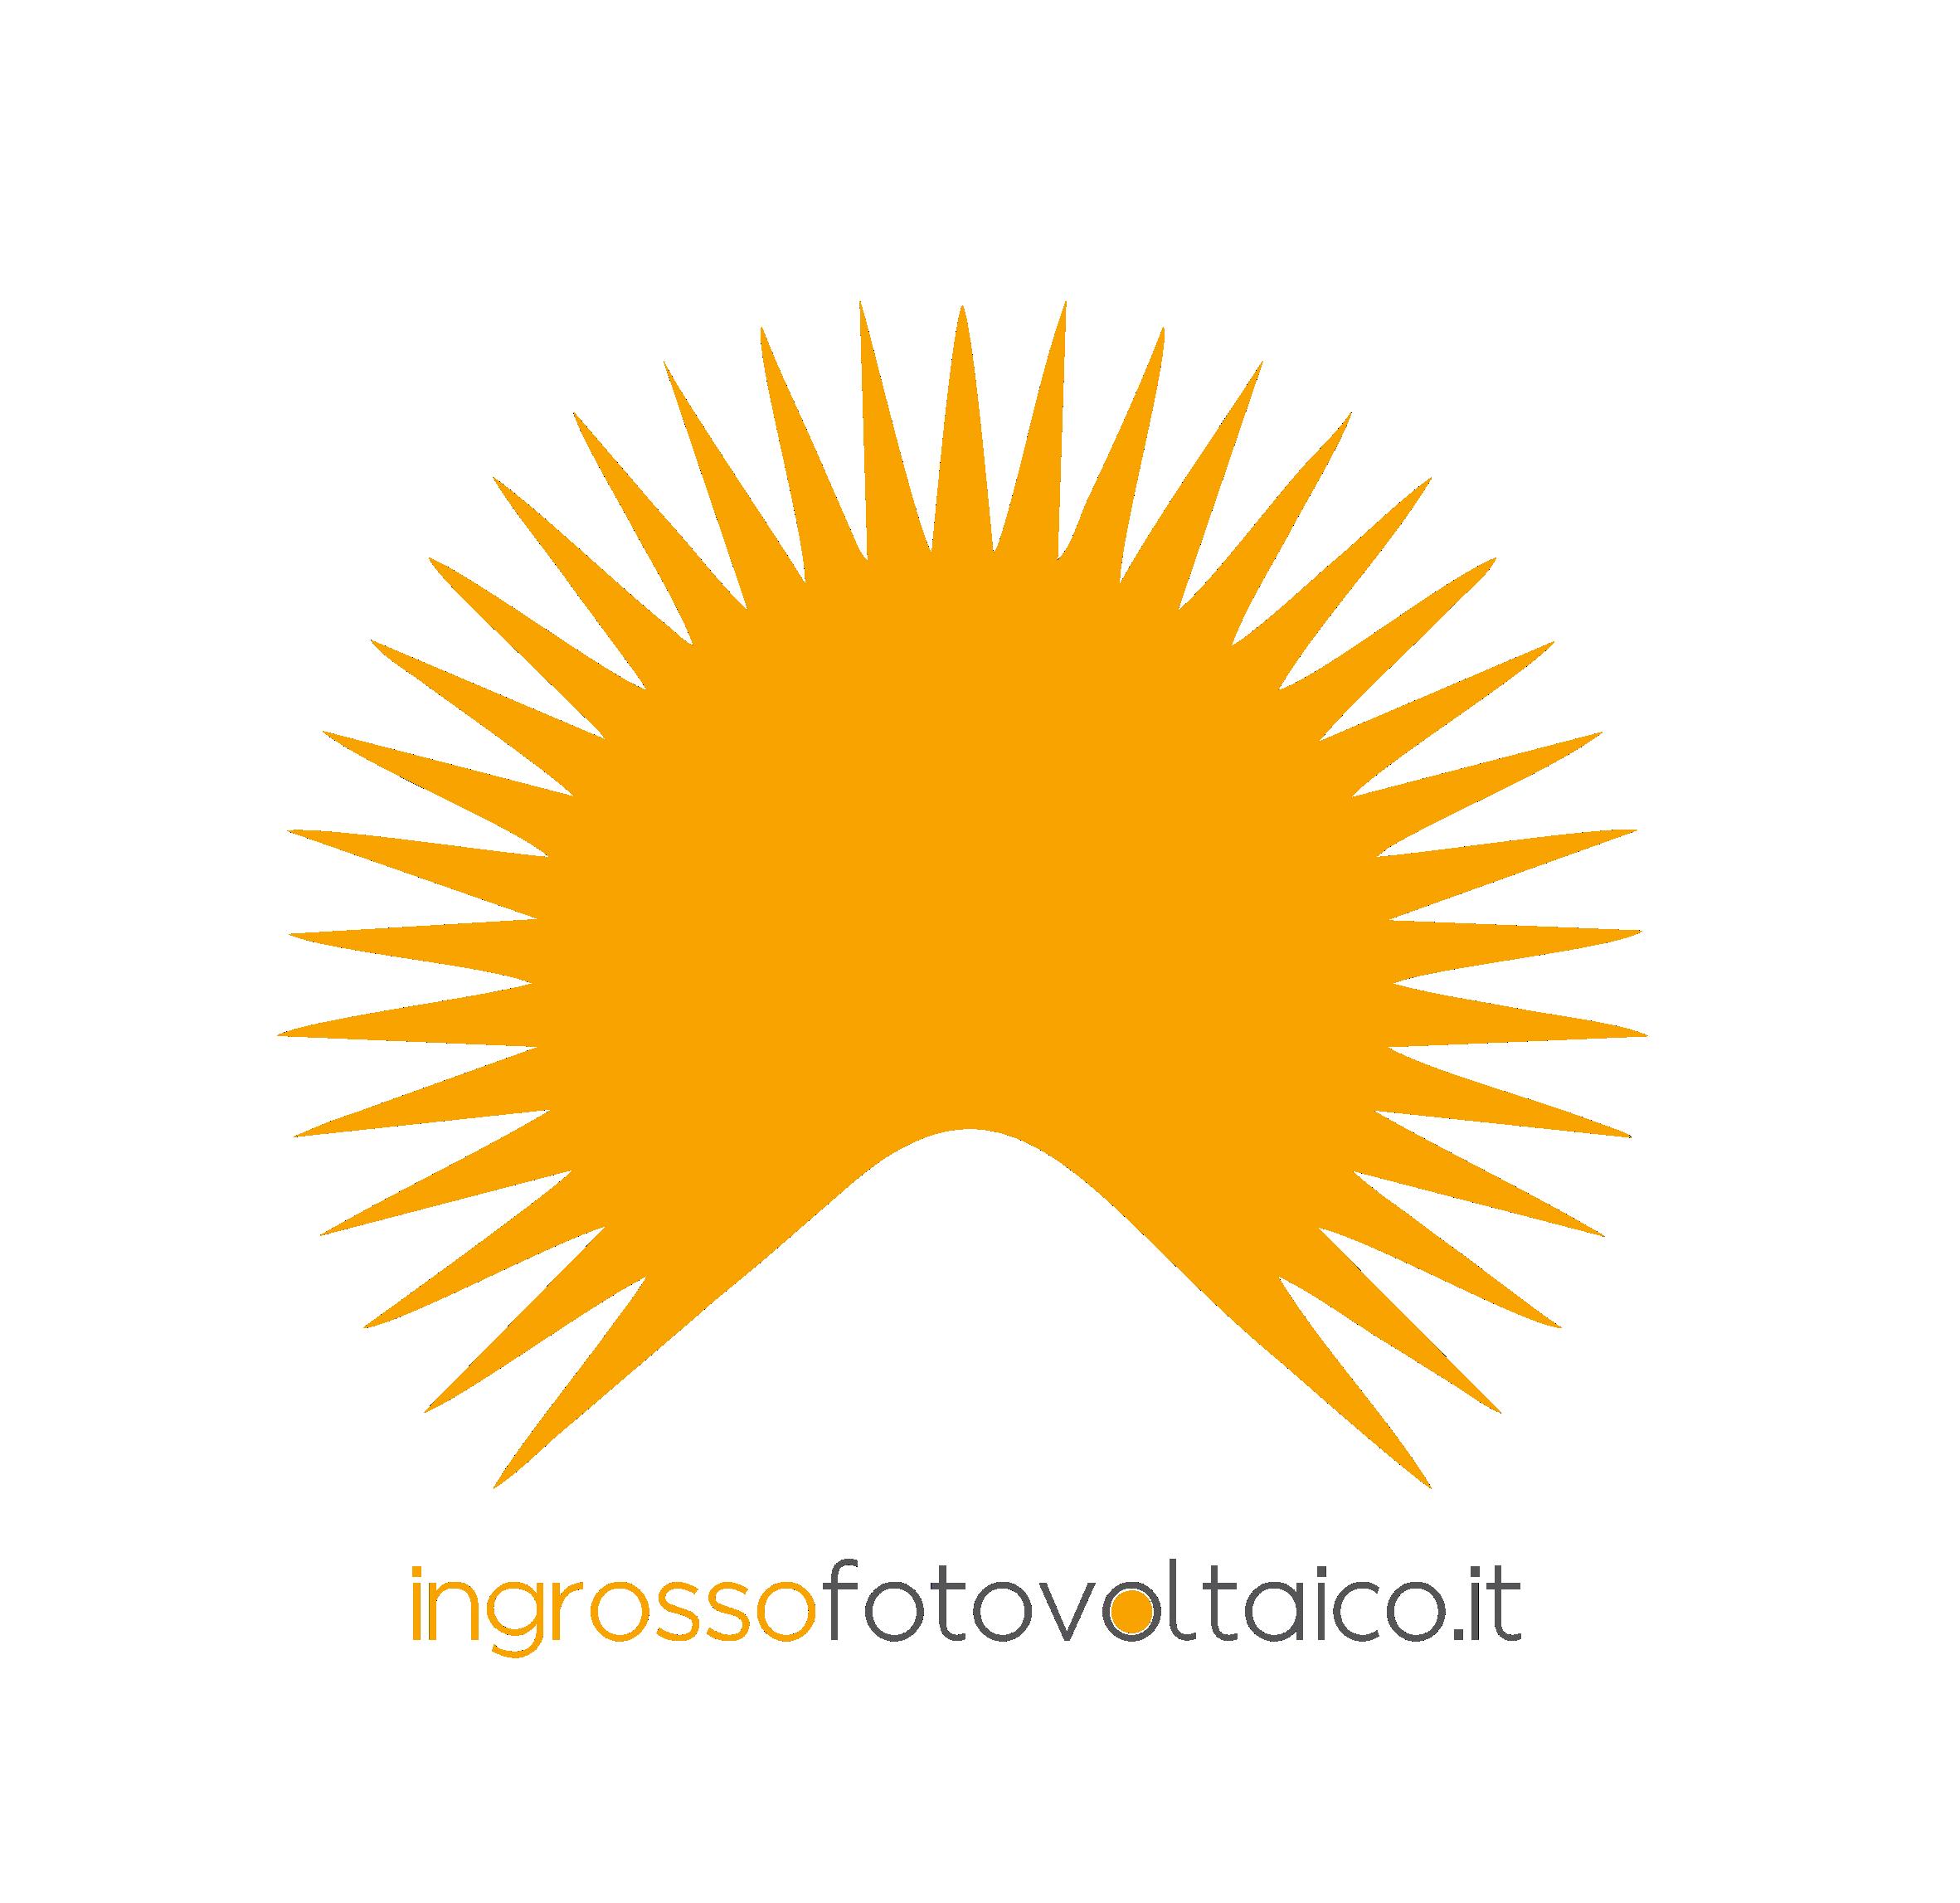 Ingrossofotovoltaico - Risparmio energetico ed energie rinnovabili. Vendita online di pannelli solari, impianti fotovoltaici, kit fotovoltaici, led, lampioni fotovoltaici, accessori solari, fotovoltaico a isola per camper e barche, moduli fotovoltaici